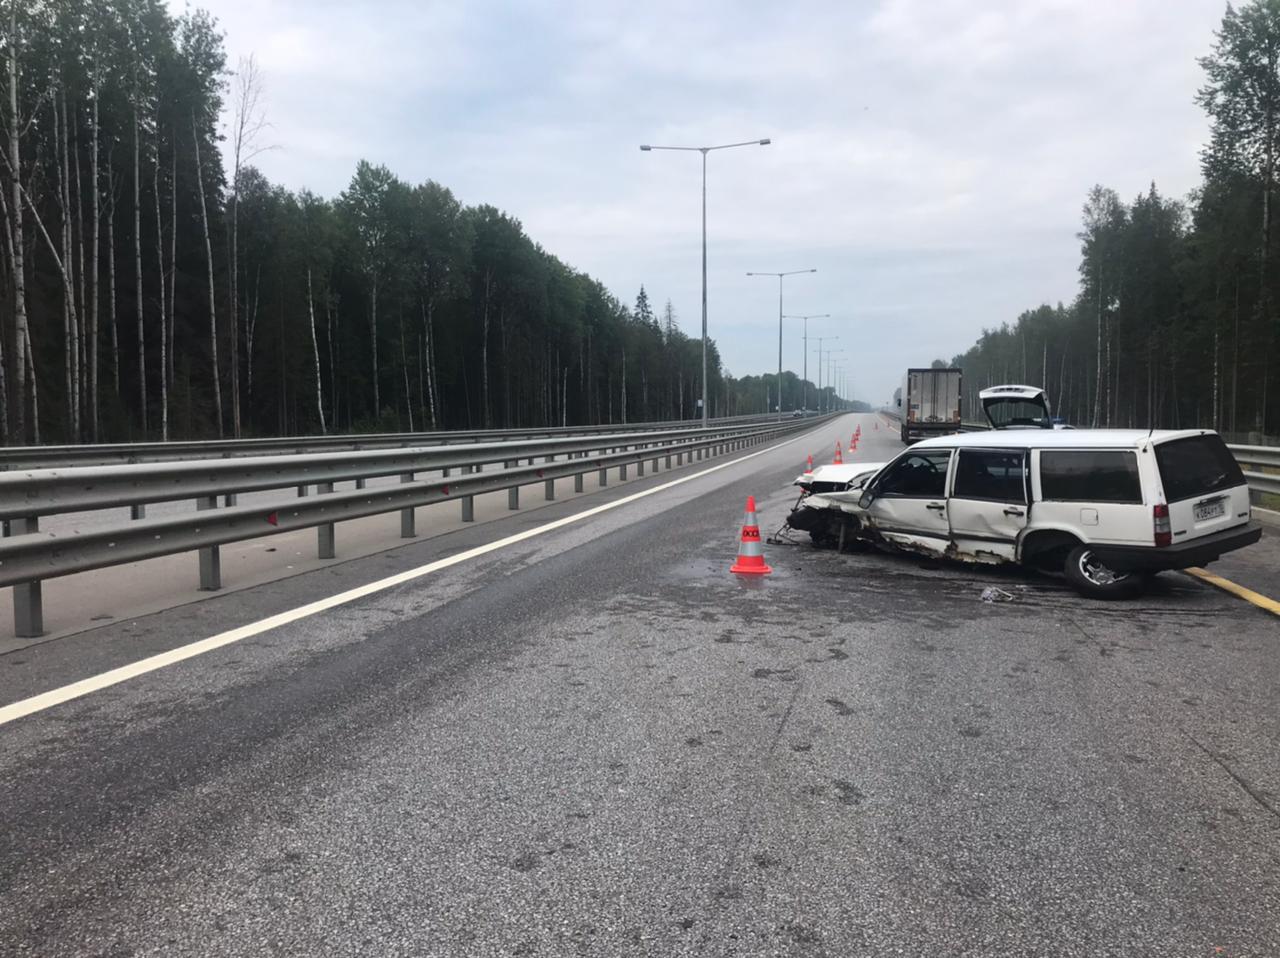 В Тверской области водитель уснул за рулем и разбил машину, которую купил пару дней назад